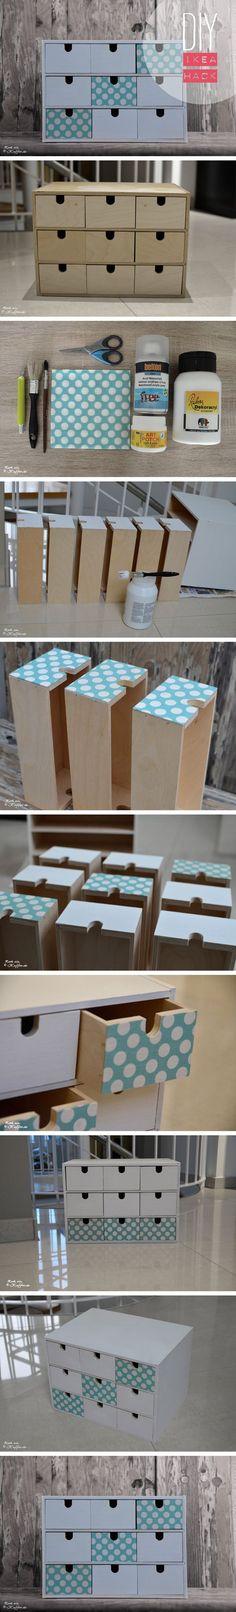 Super süße Idee für eine #Kinderküche Die Küche aus einem Regal - rückwand küche selber machen